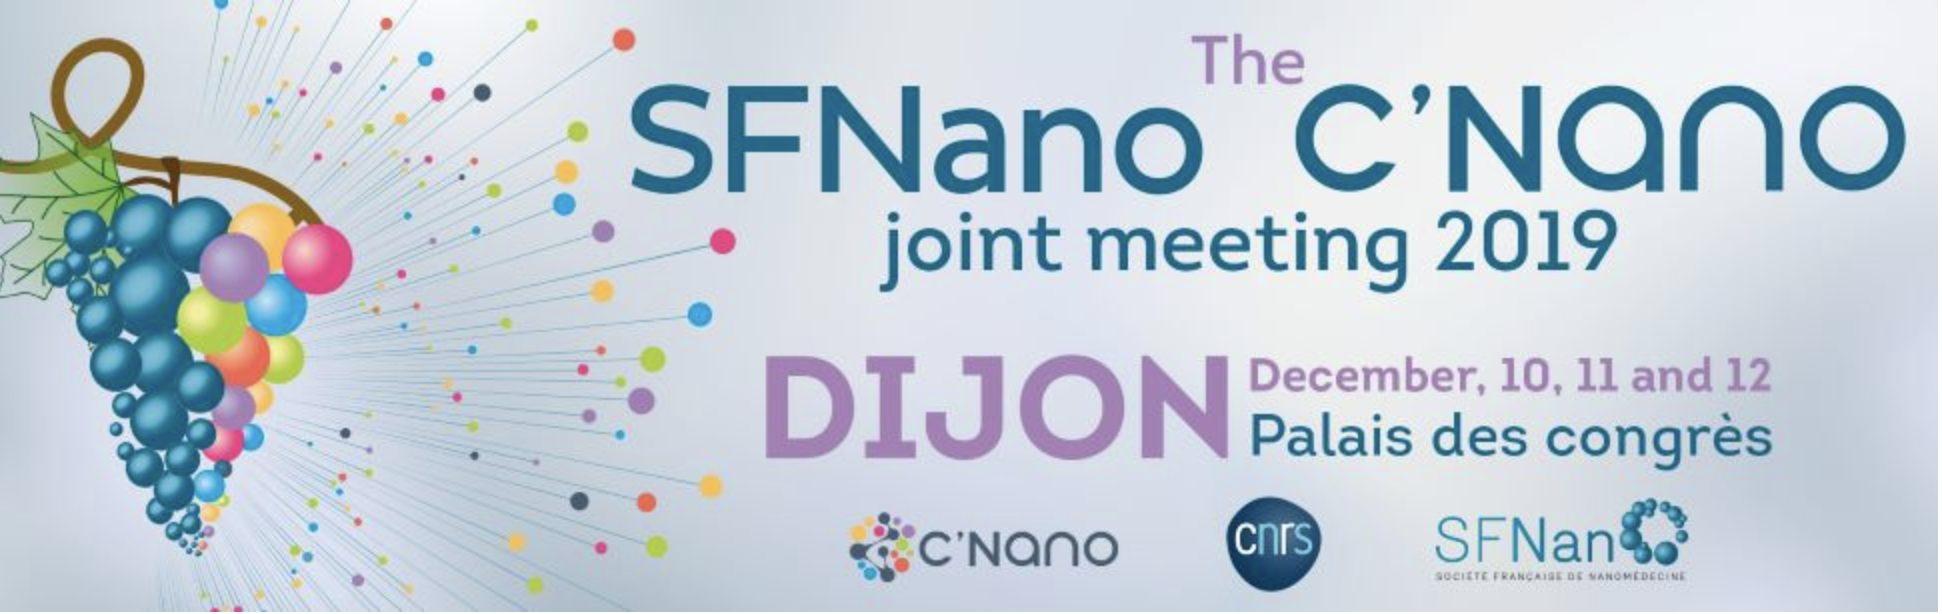 C'Nano SFNano joint meeting 2019 in Dijon, France